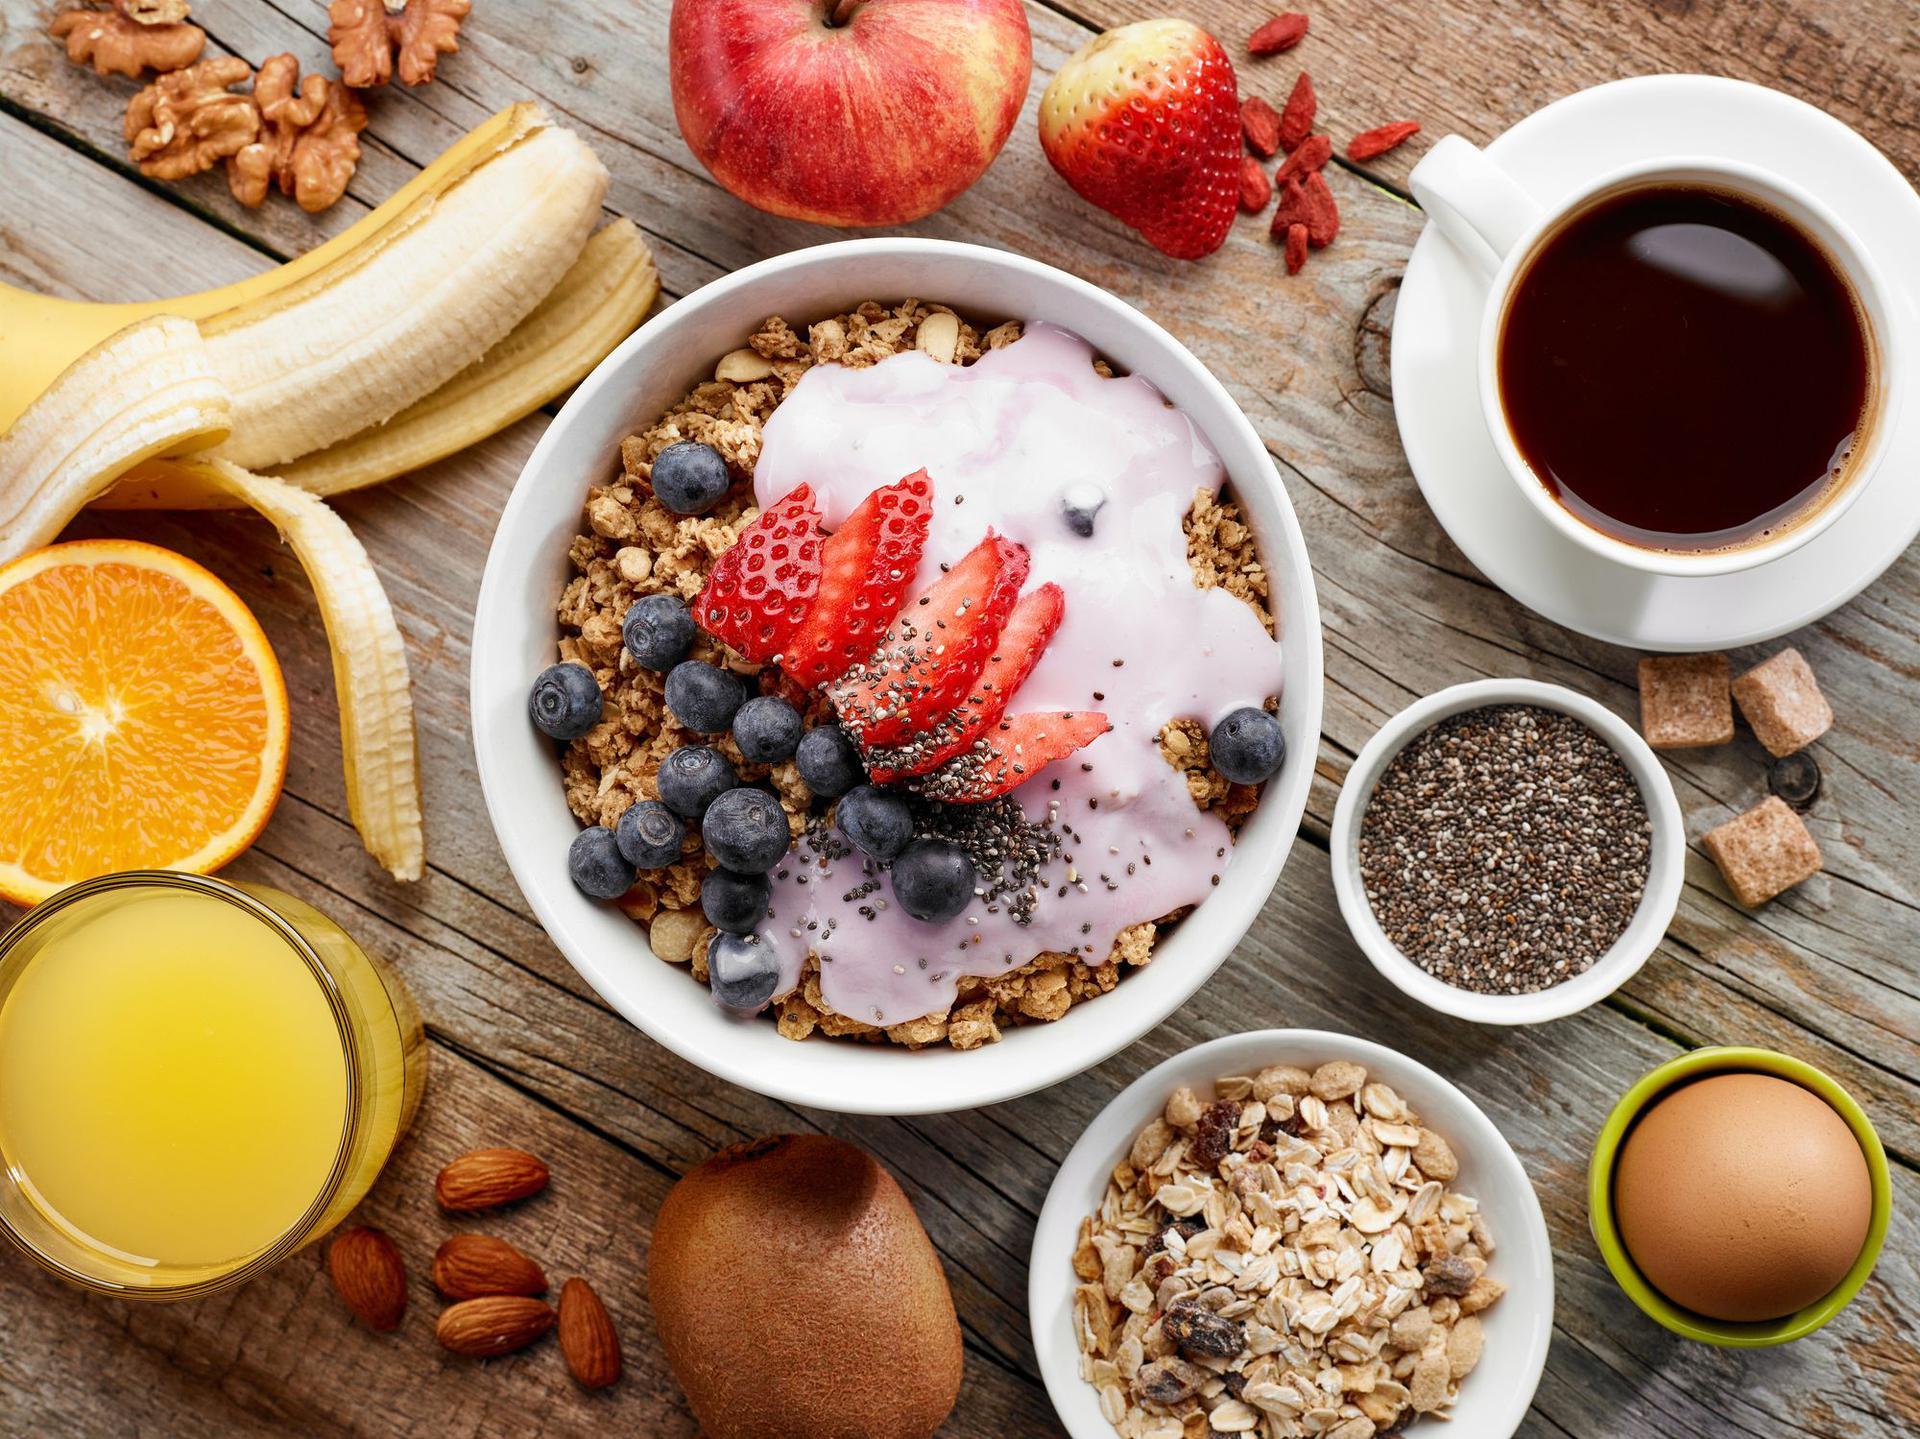 Zdrowe Sniadanie Co Jesc A Czego Unikac Przepisy Na Zdrowe